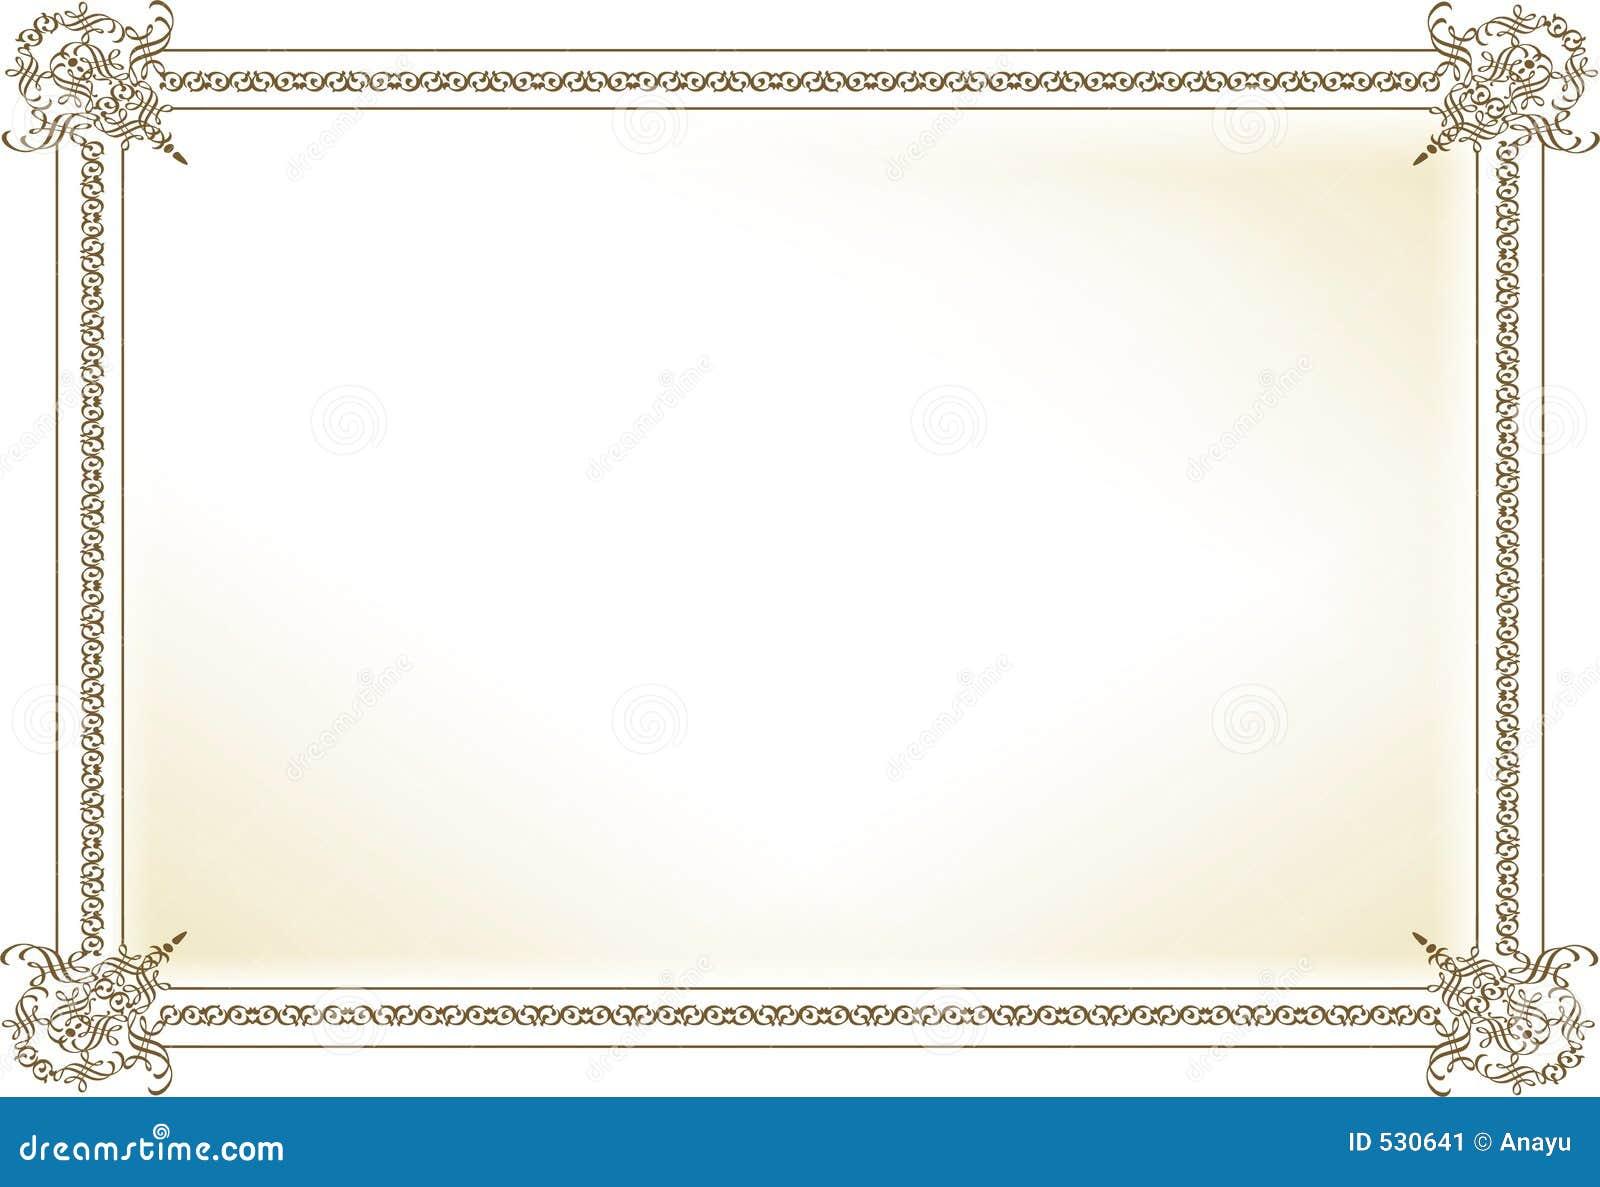 Marcos De Diploma En Blanco 'S